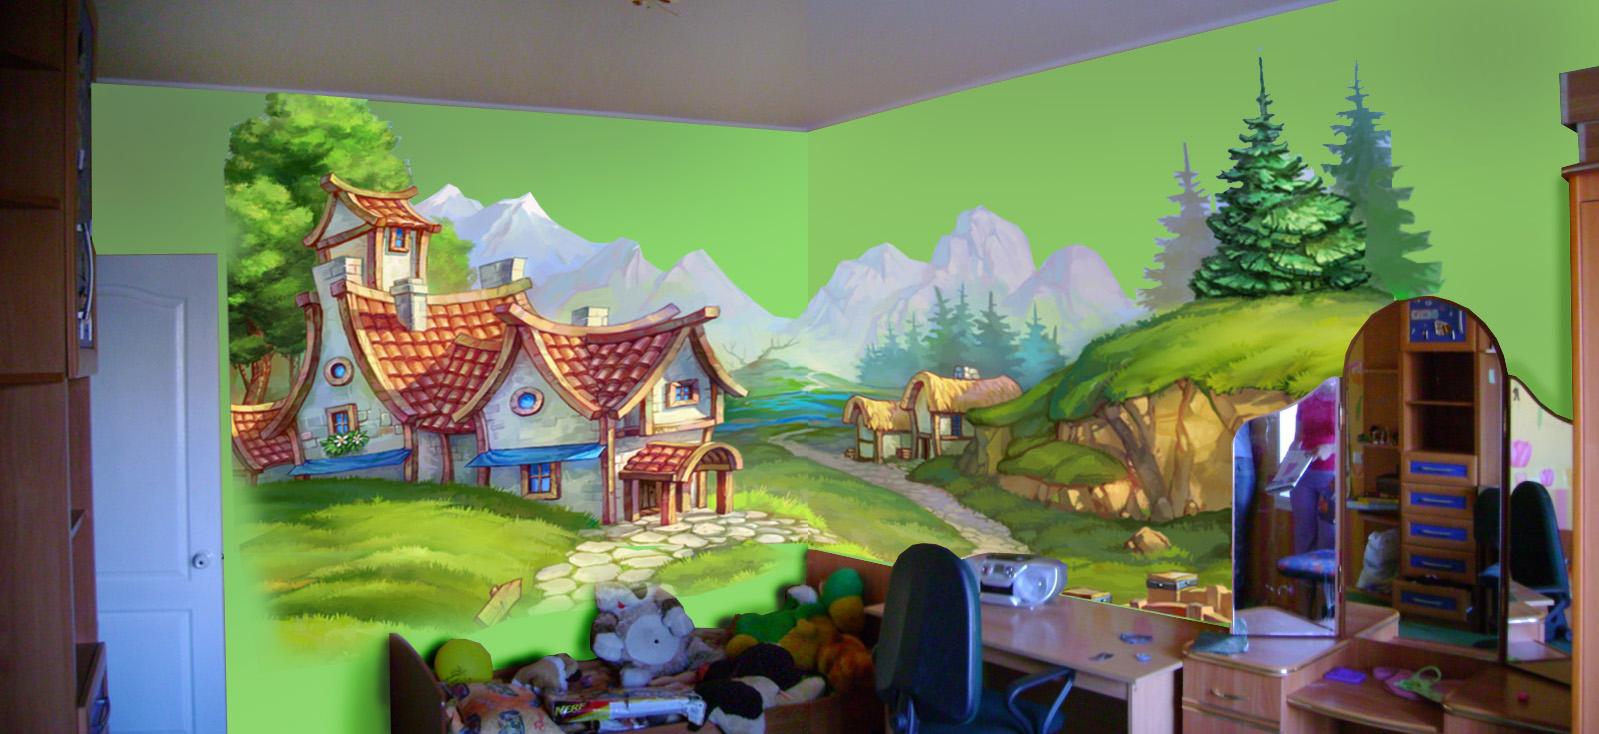 Росписи для детских комнат